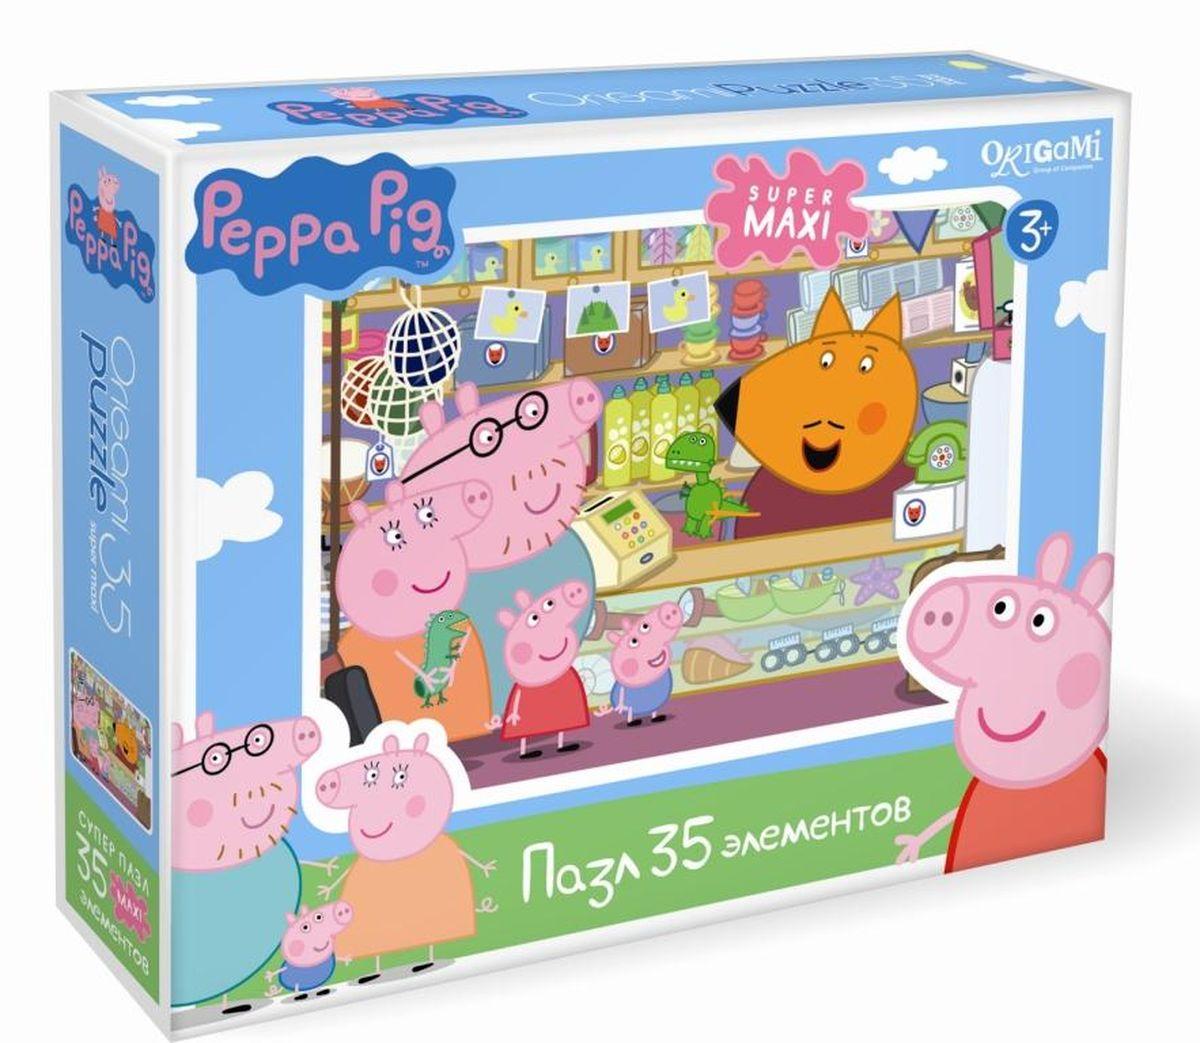 Оригами Пазл для малышей Peppa Pig Сувенирная лавка peppa pig пазл супер макси 24a контурный магниты подставки семья кроликов